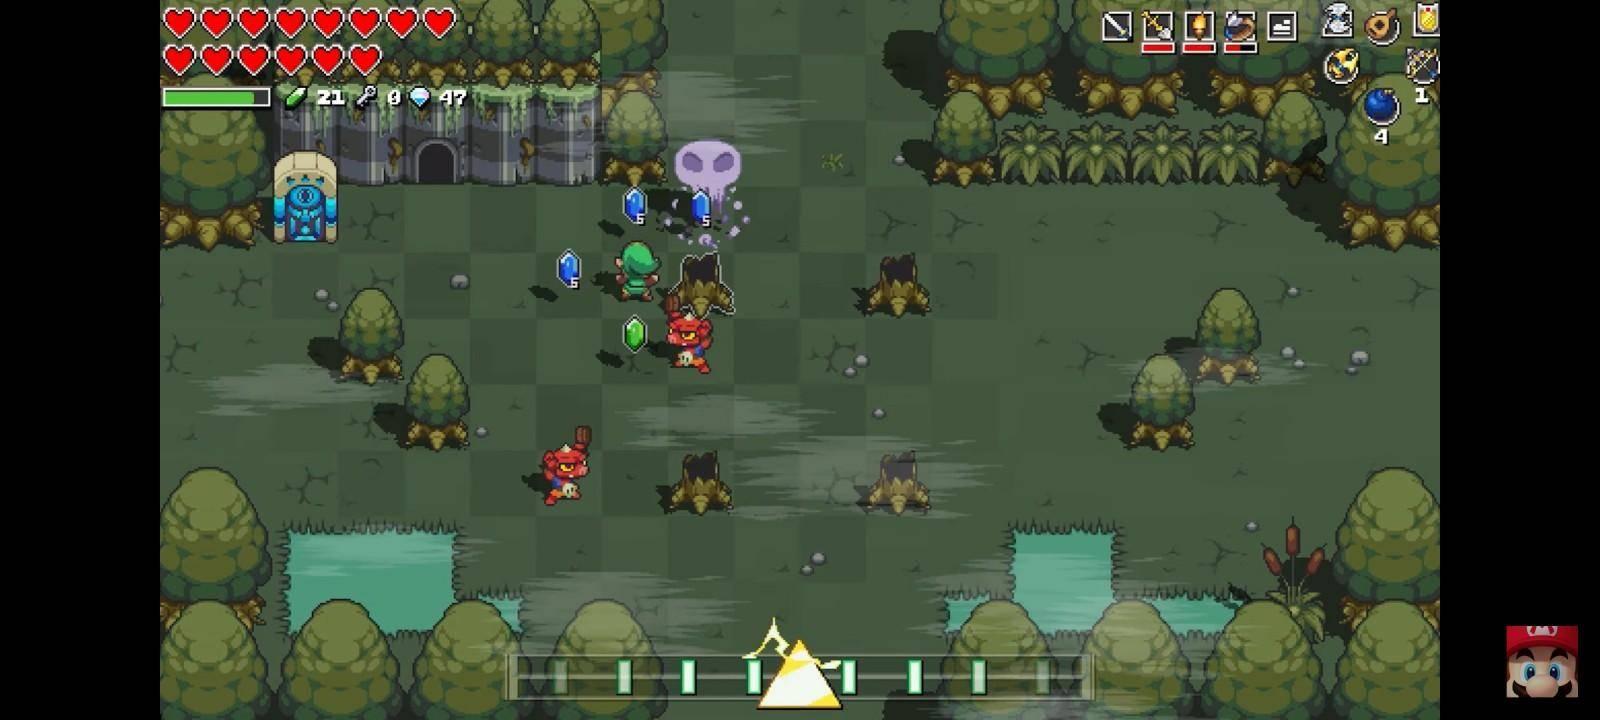 Nintendo Direct Mini: Se vienen nuevas joyas 2